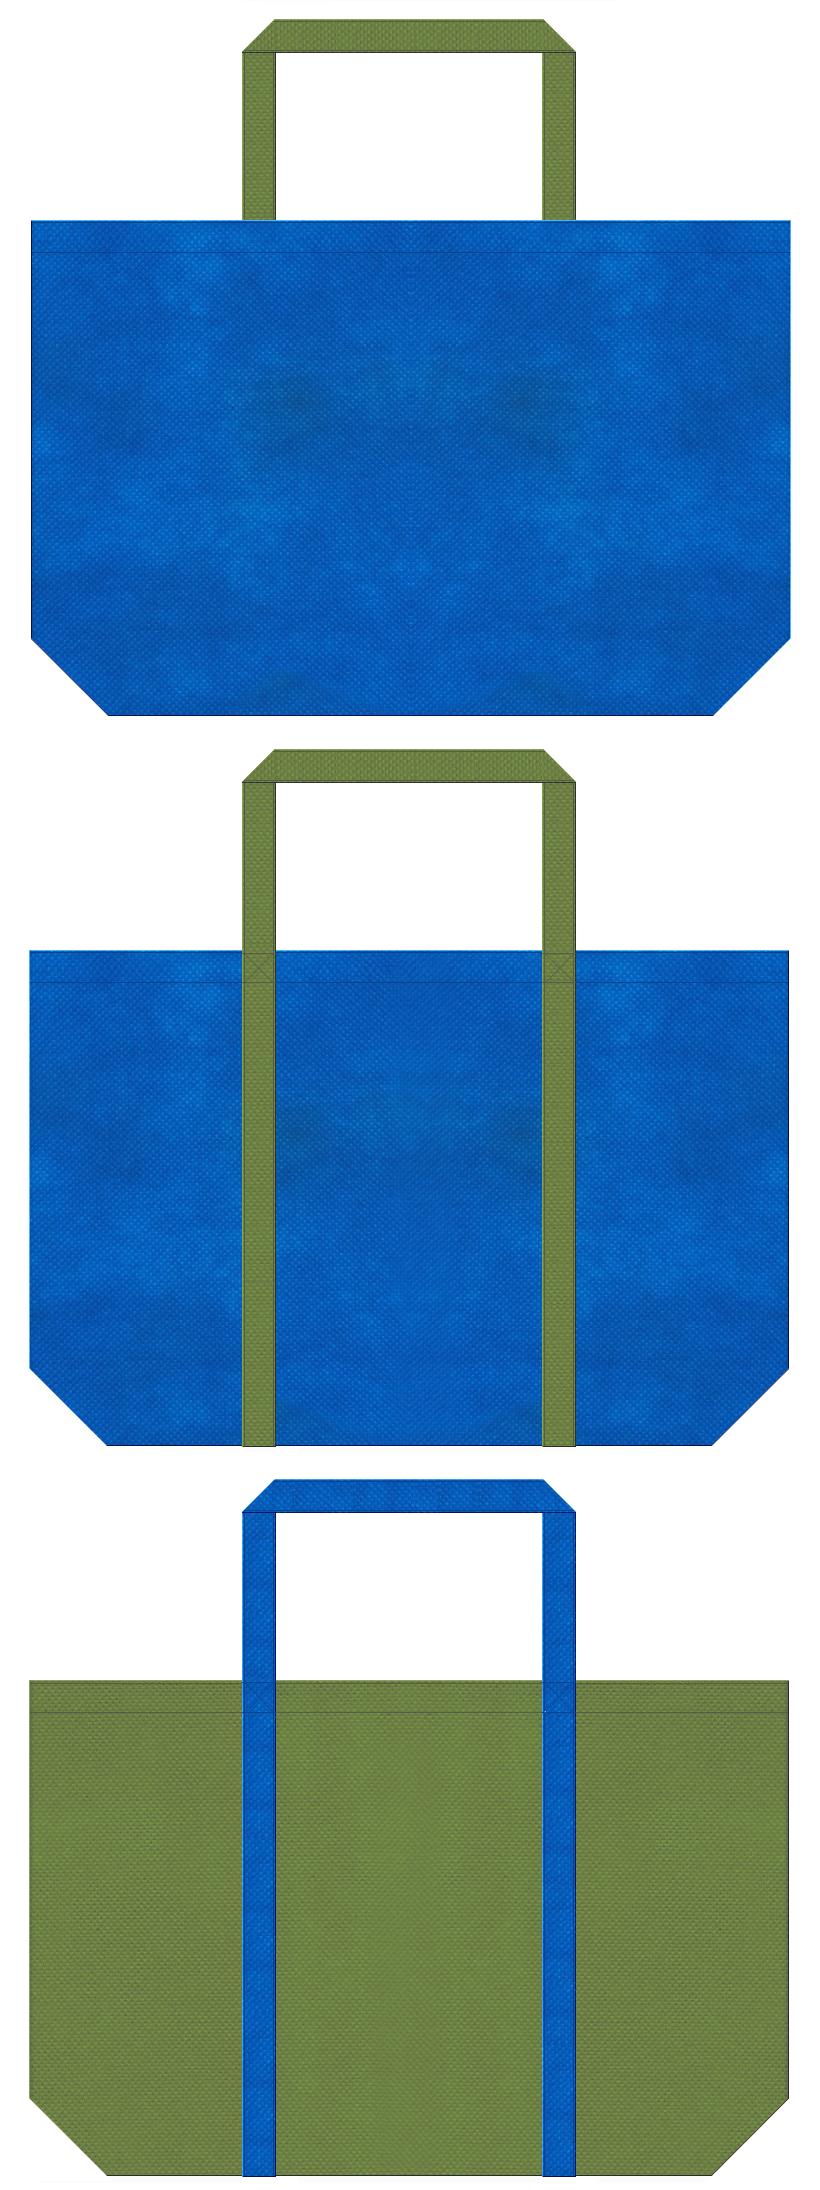 不織布トートバッグ 舟底タイプ 不織布カラーNo.22スカイブルーとNo.34グラスグリーンの組み合わせ